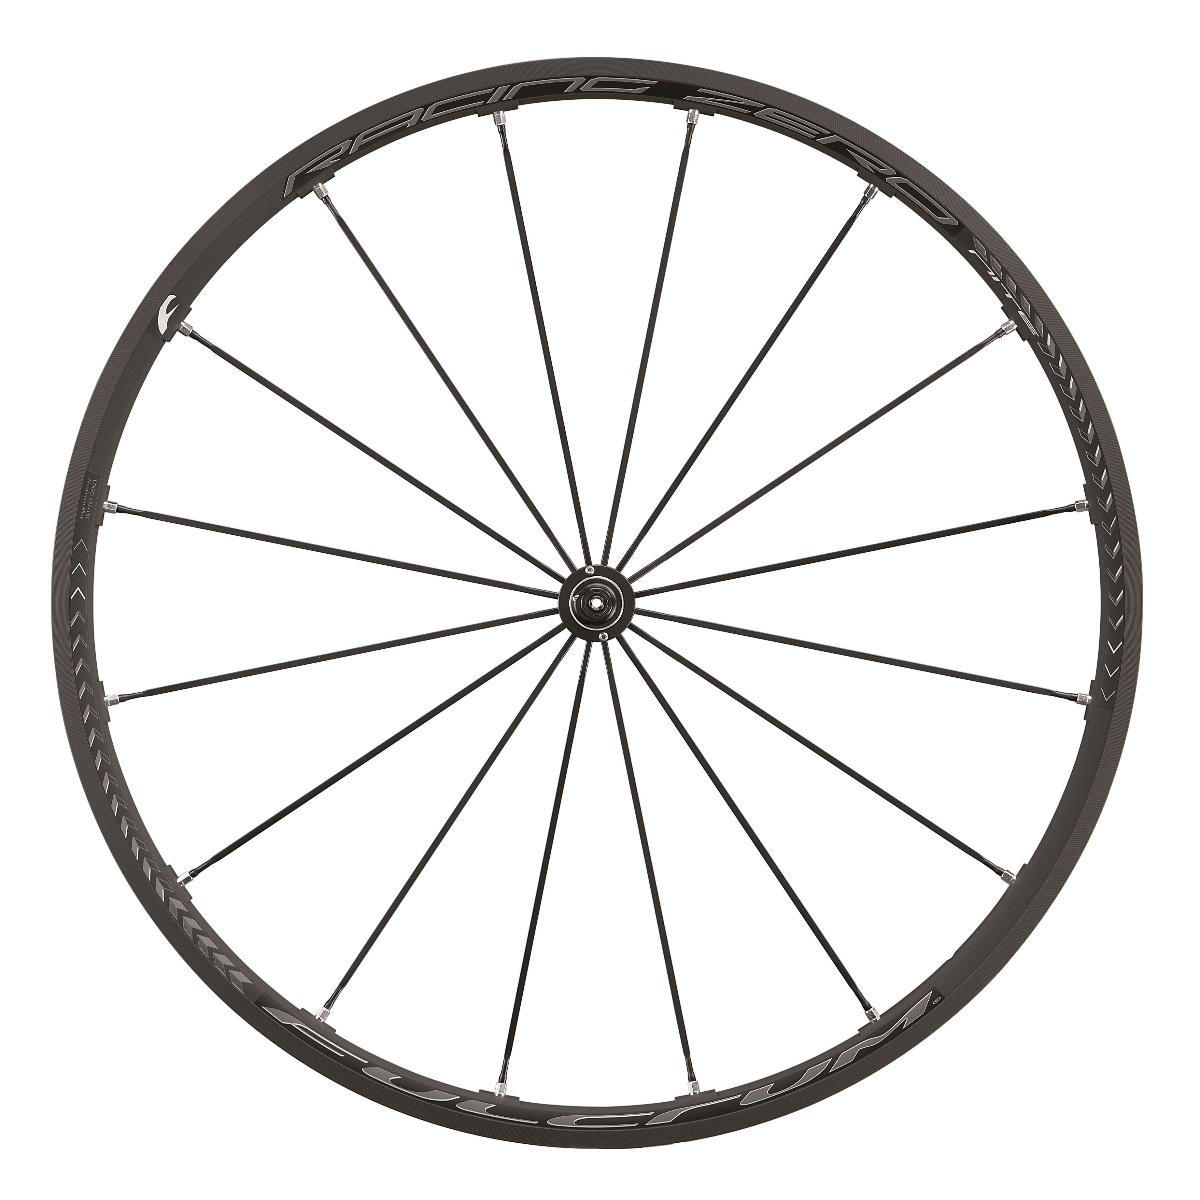 Das vordere Rad des Racing Zero Nite-Laufradsatzes.